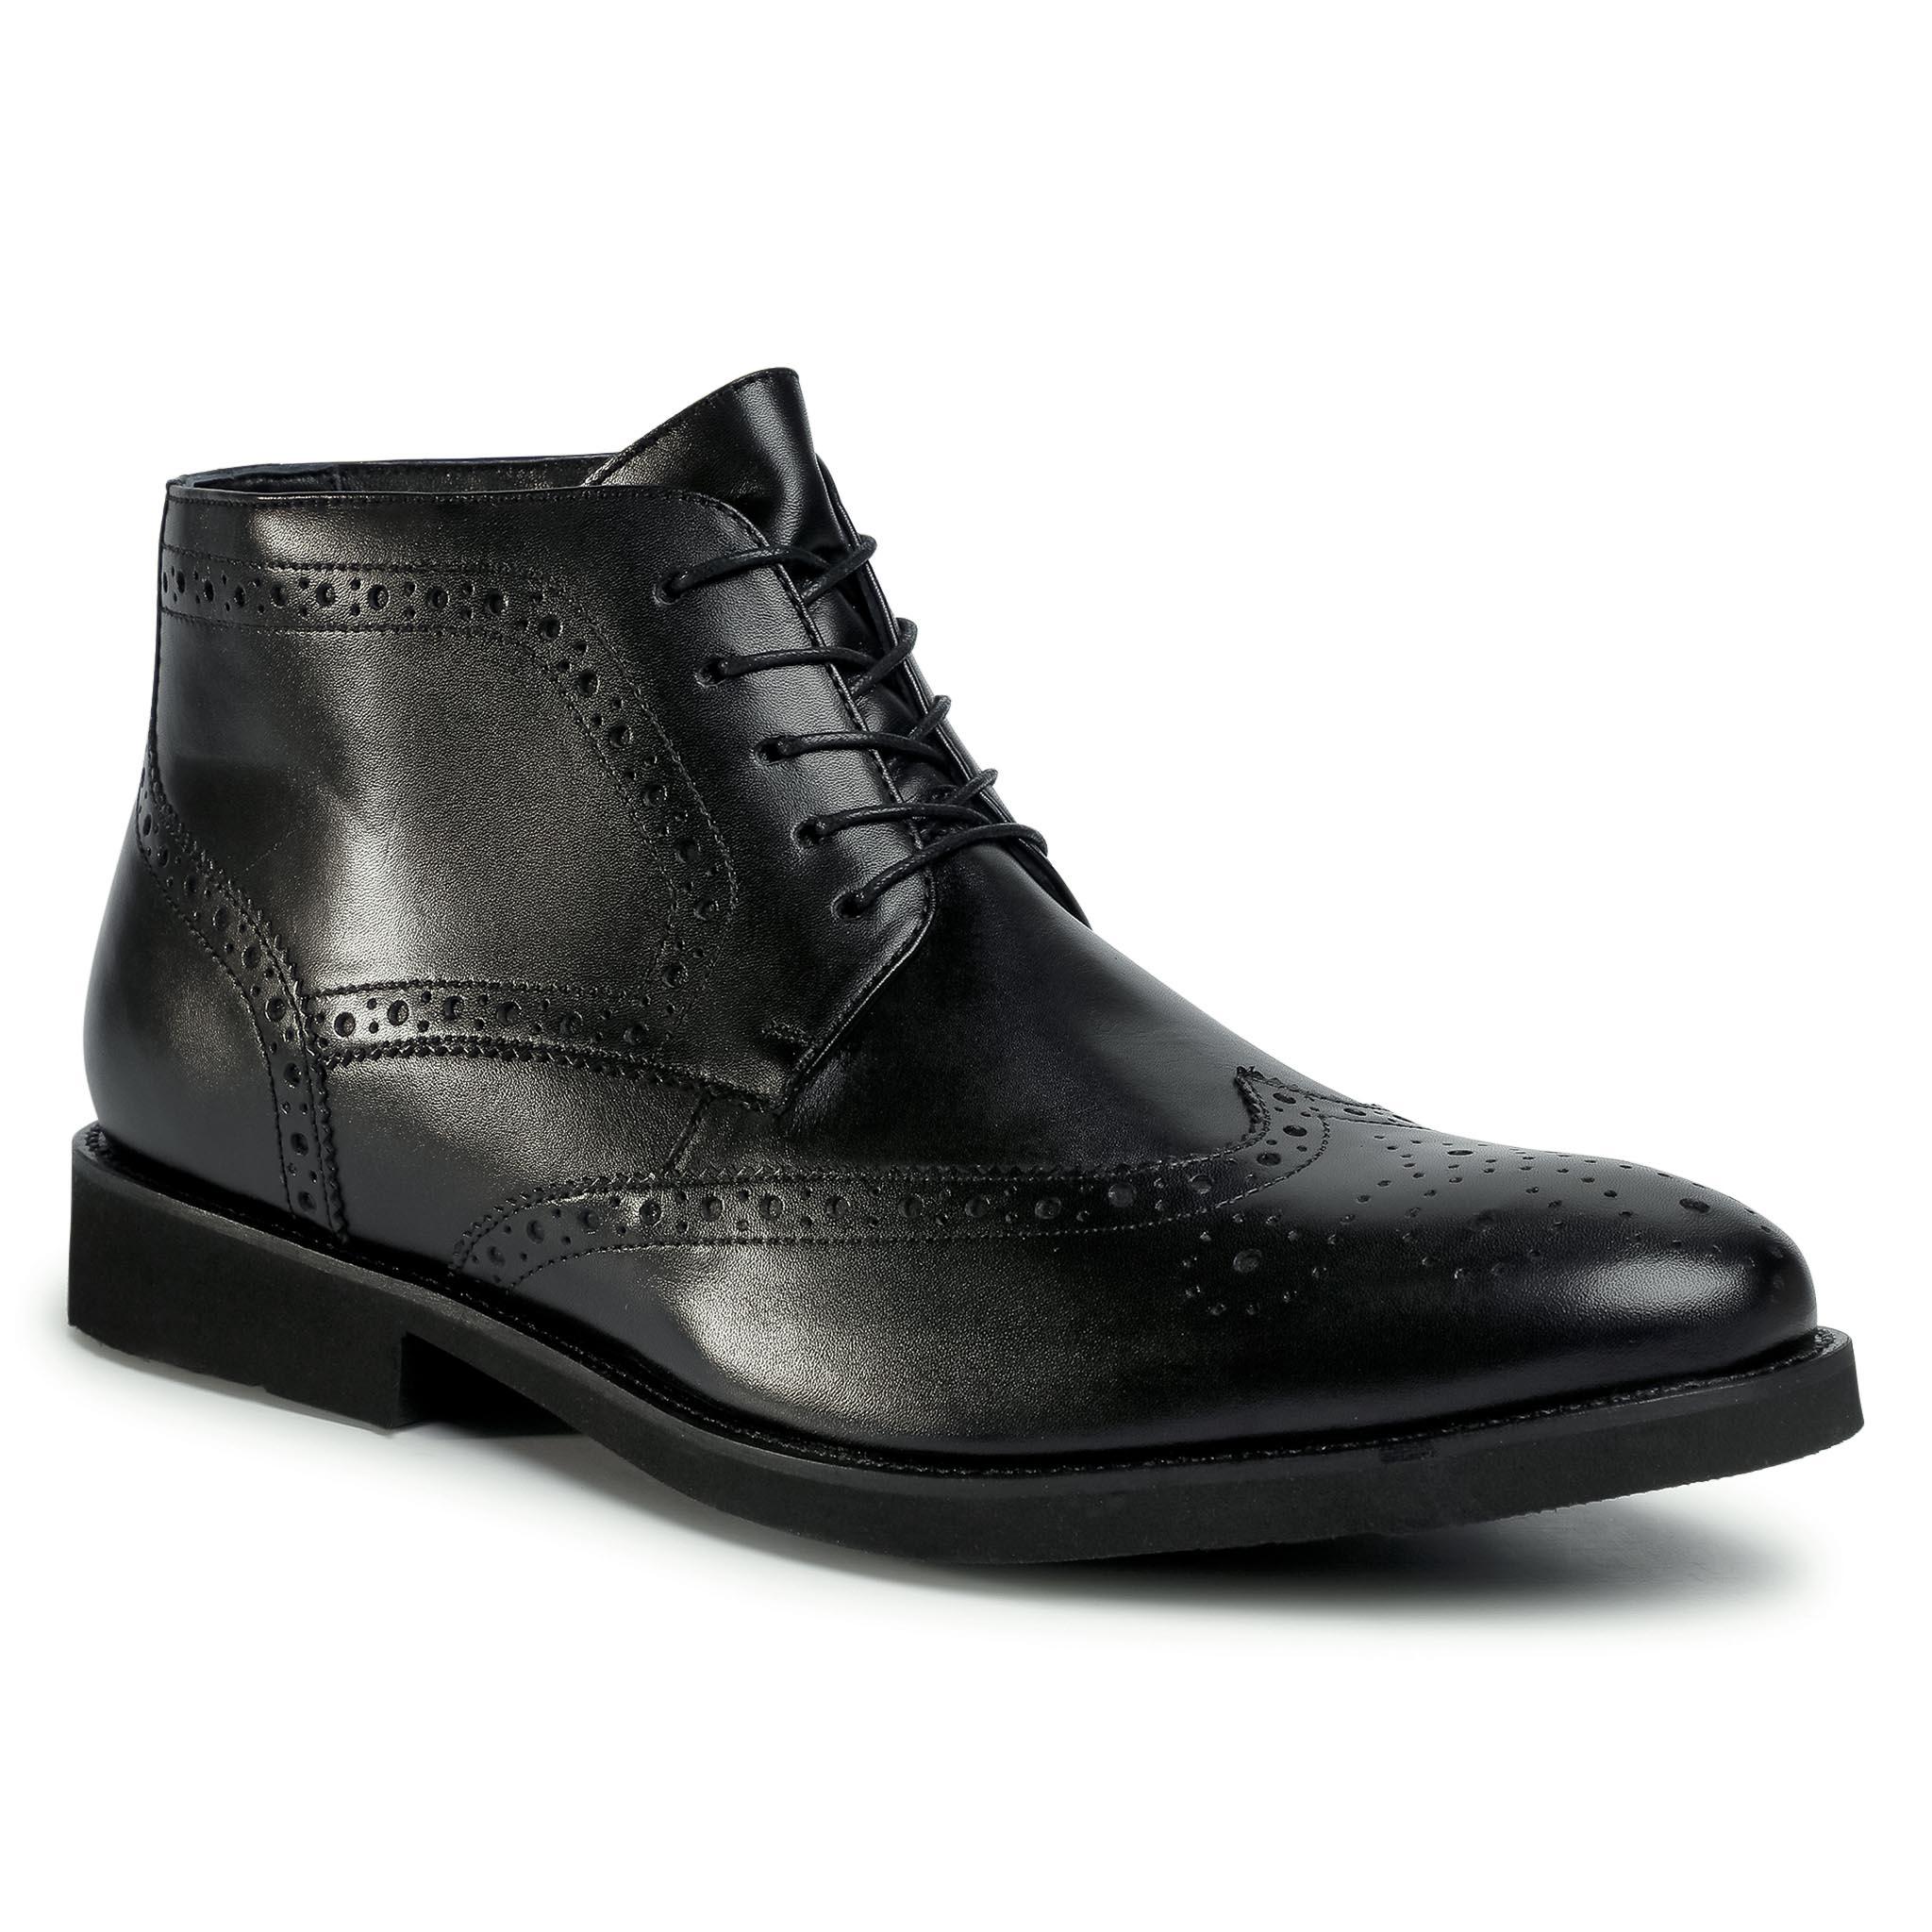 Outdoorová obuv LASOCKI FOR MEN - MI08-C774-706-05 Black